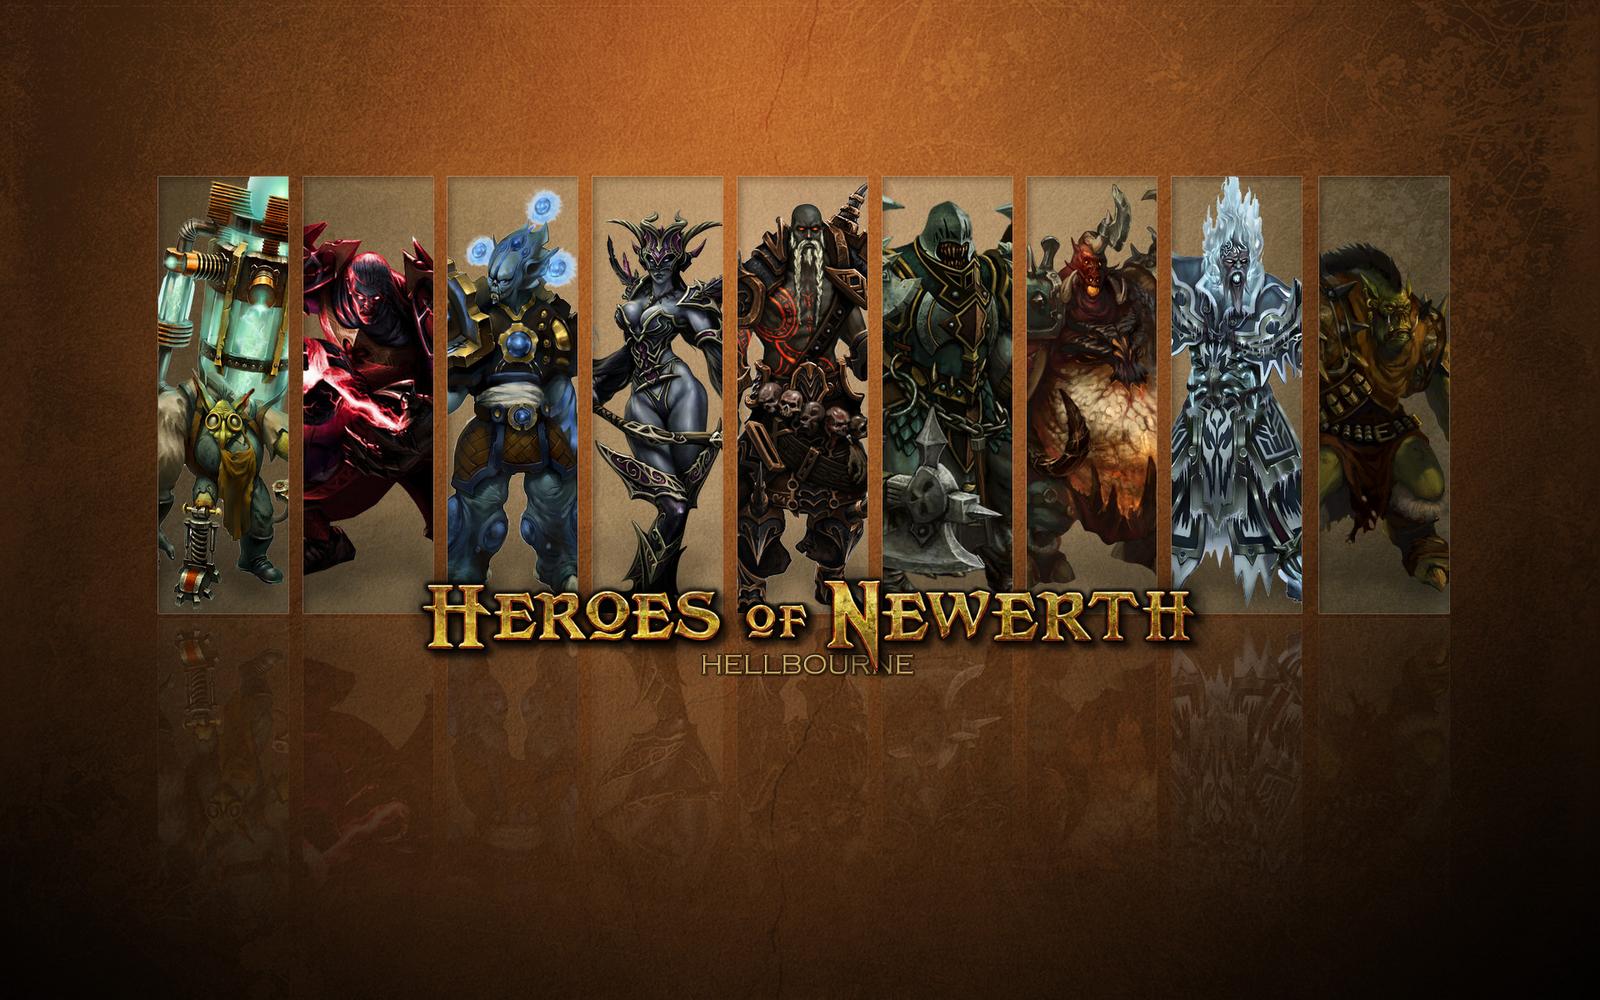 Heroes of Newerth wallpaper 3